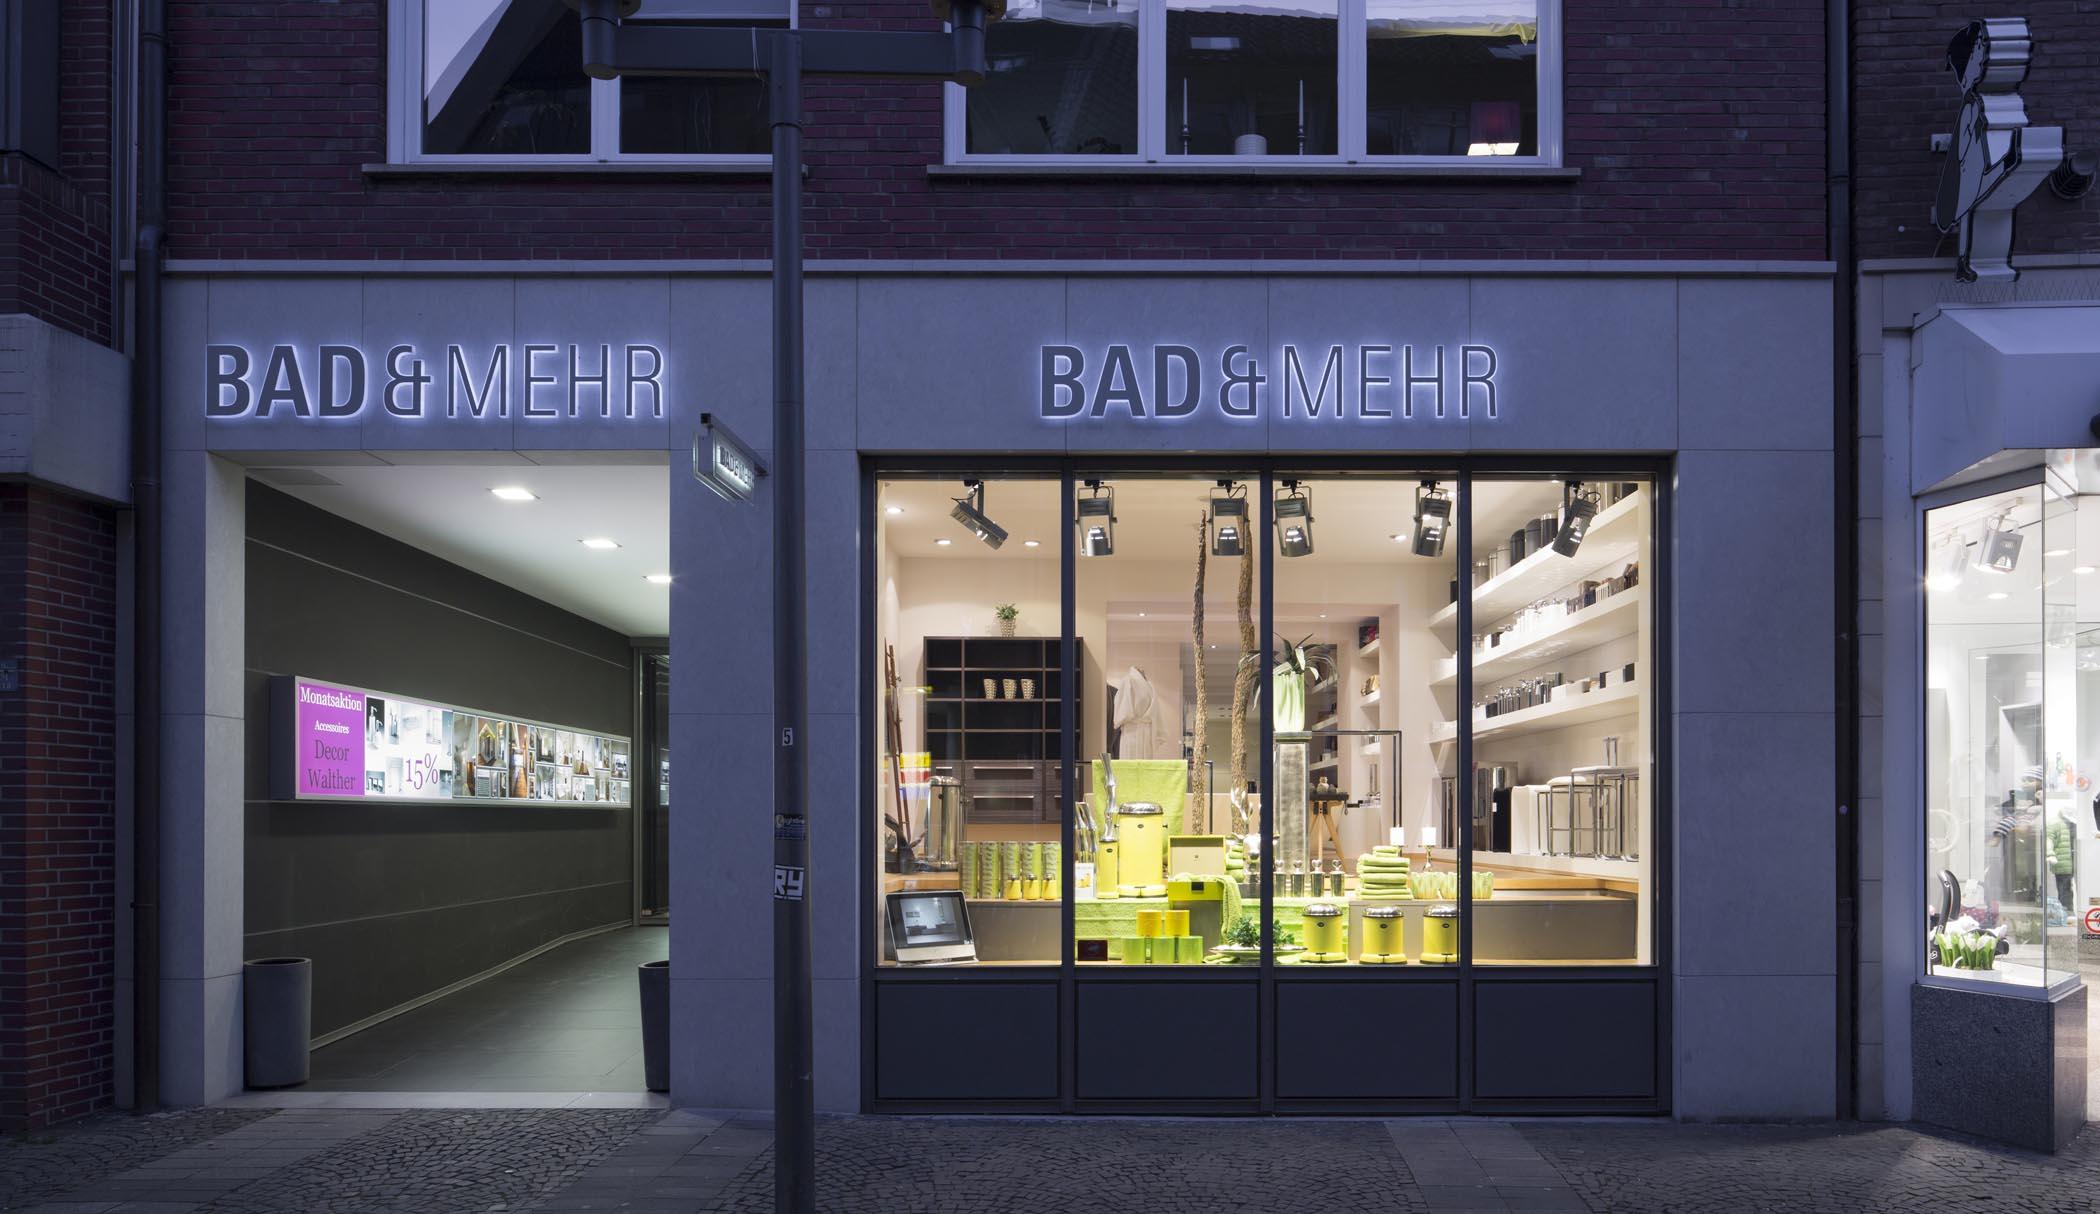 Bad Und Mehr Münster 01 bad und mehr ausstellung roland borgmann fotografie